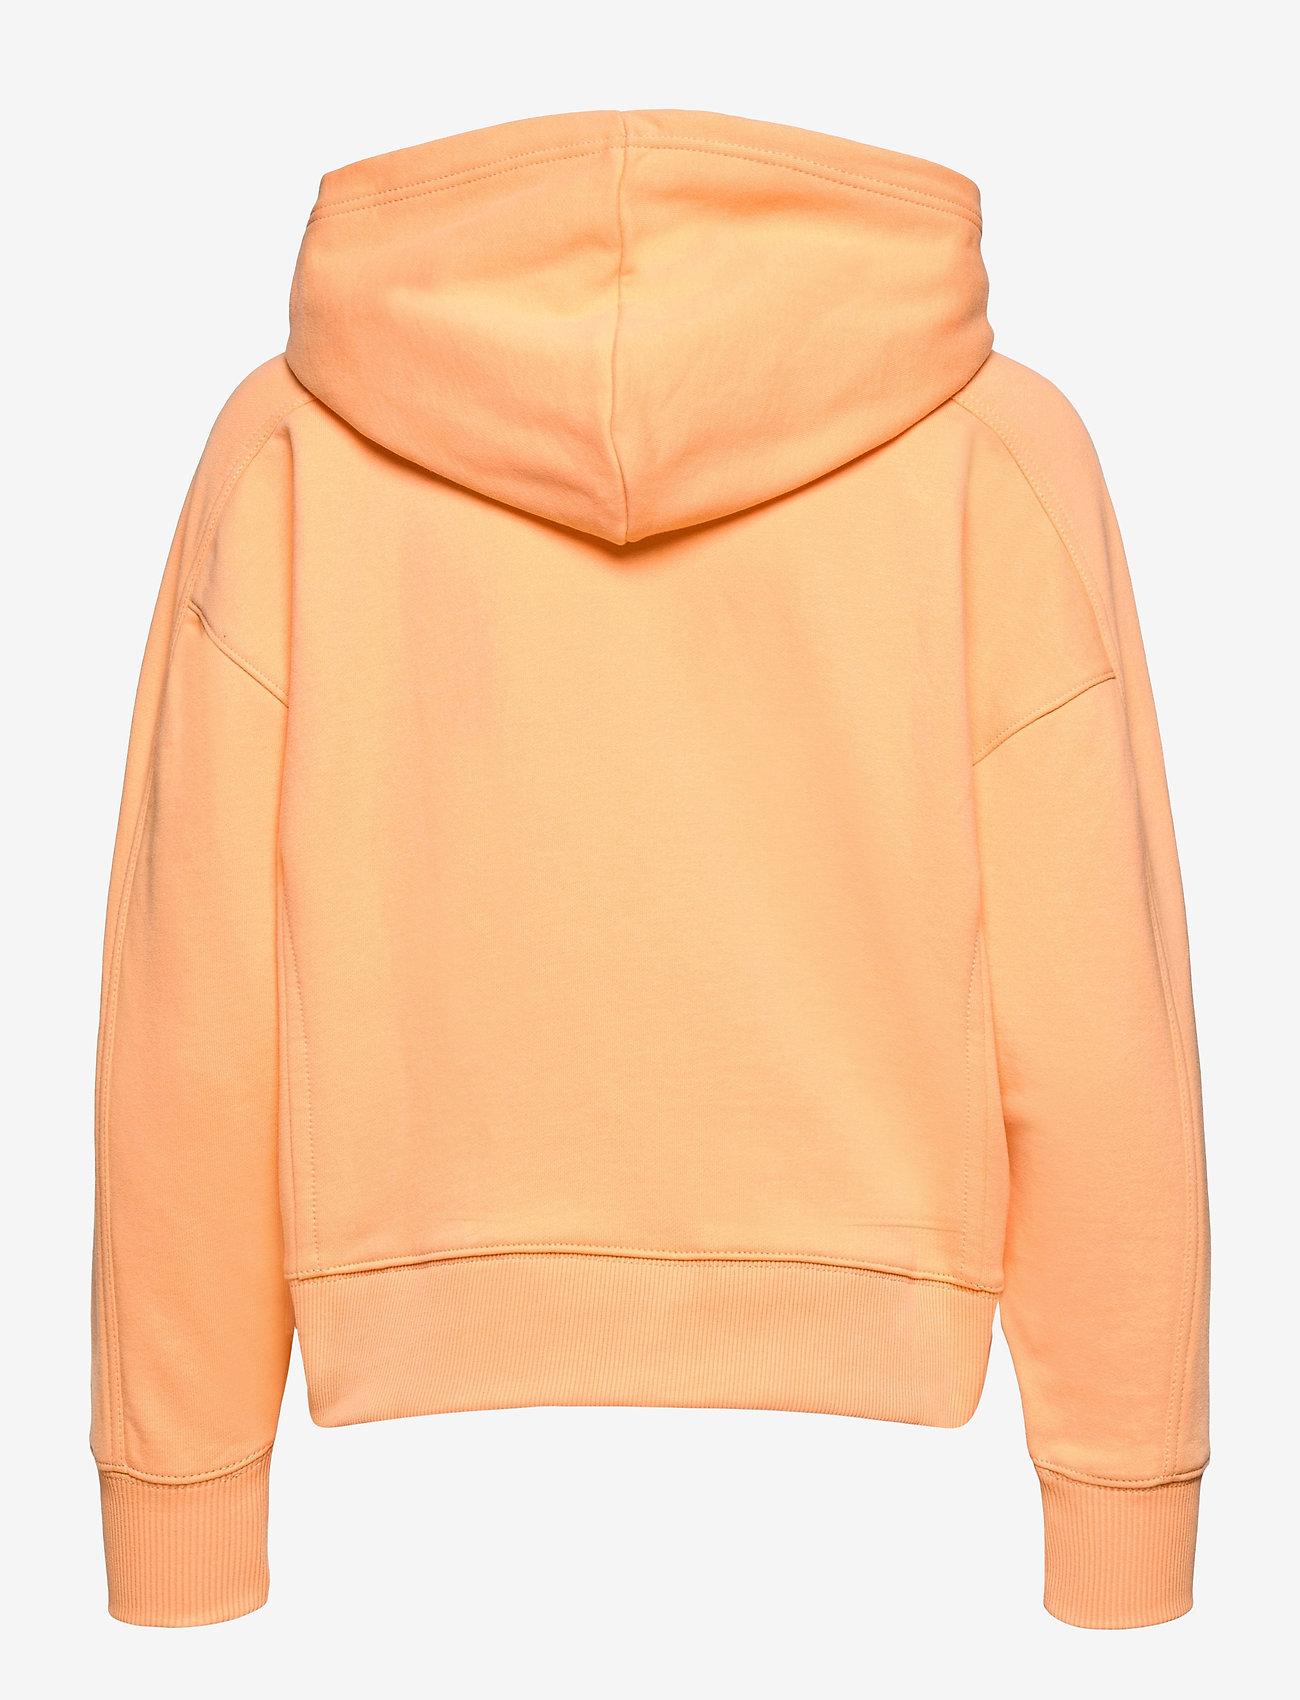 Calvin Klein Jeans - MICRO BRANDING HOODIE - gensere og hettegensere - crushed orange - 1